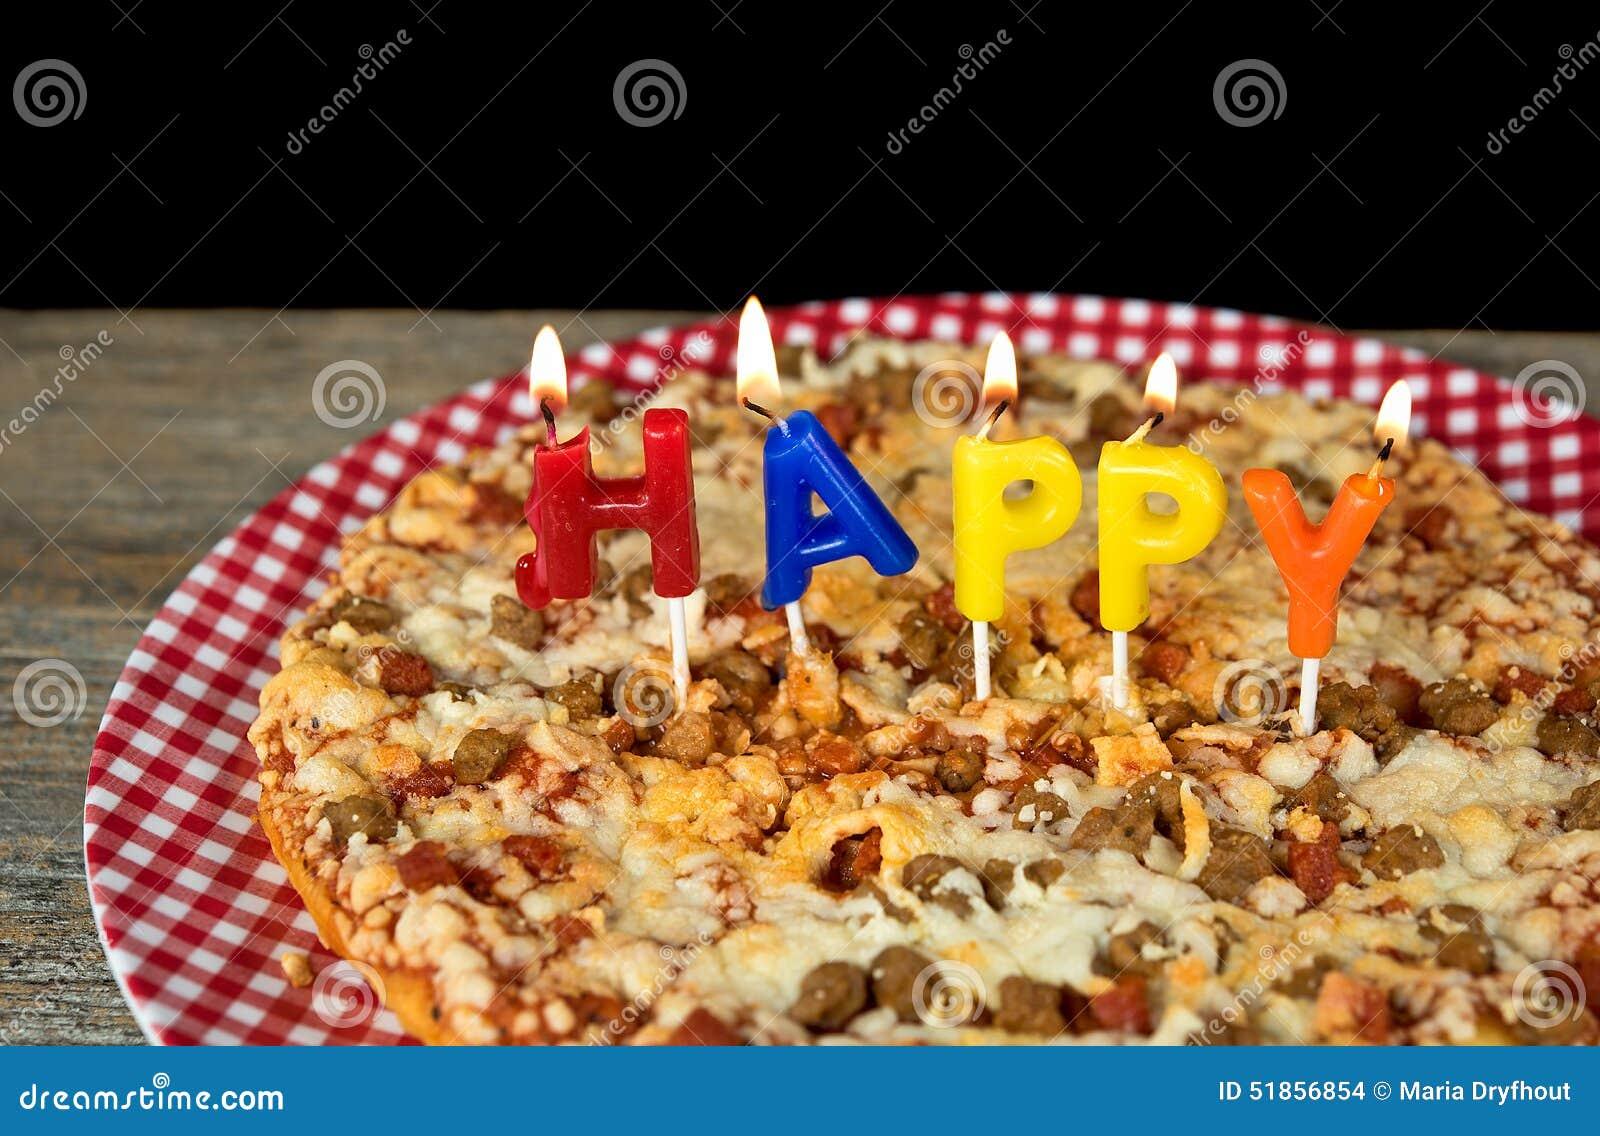 Geburtstagskerzen Auf Pizza Stockfoto - Bild von rund, hell: 51856854